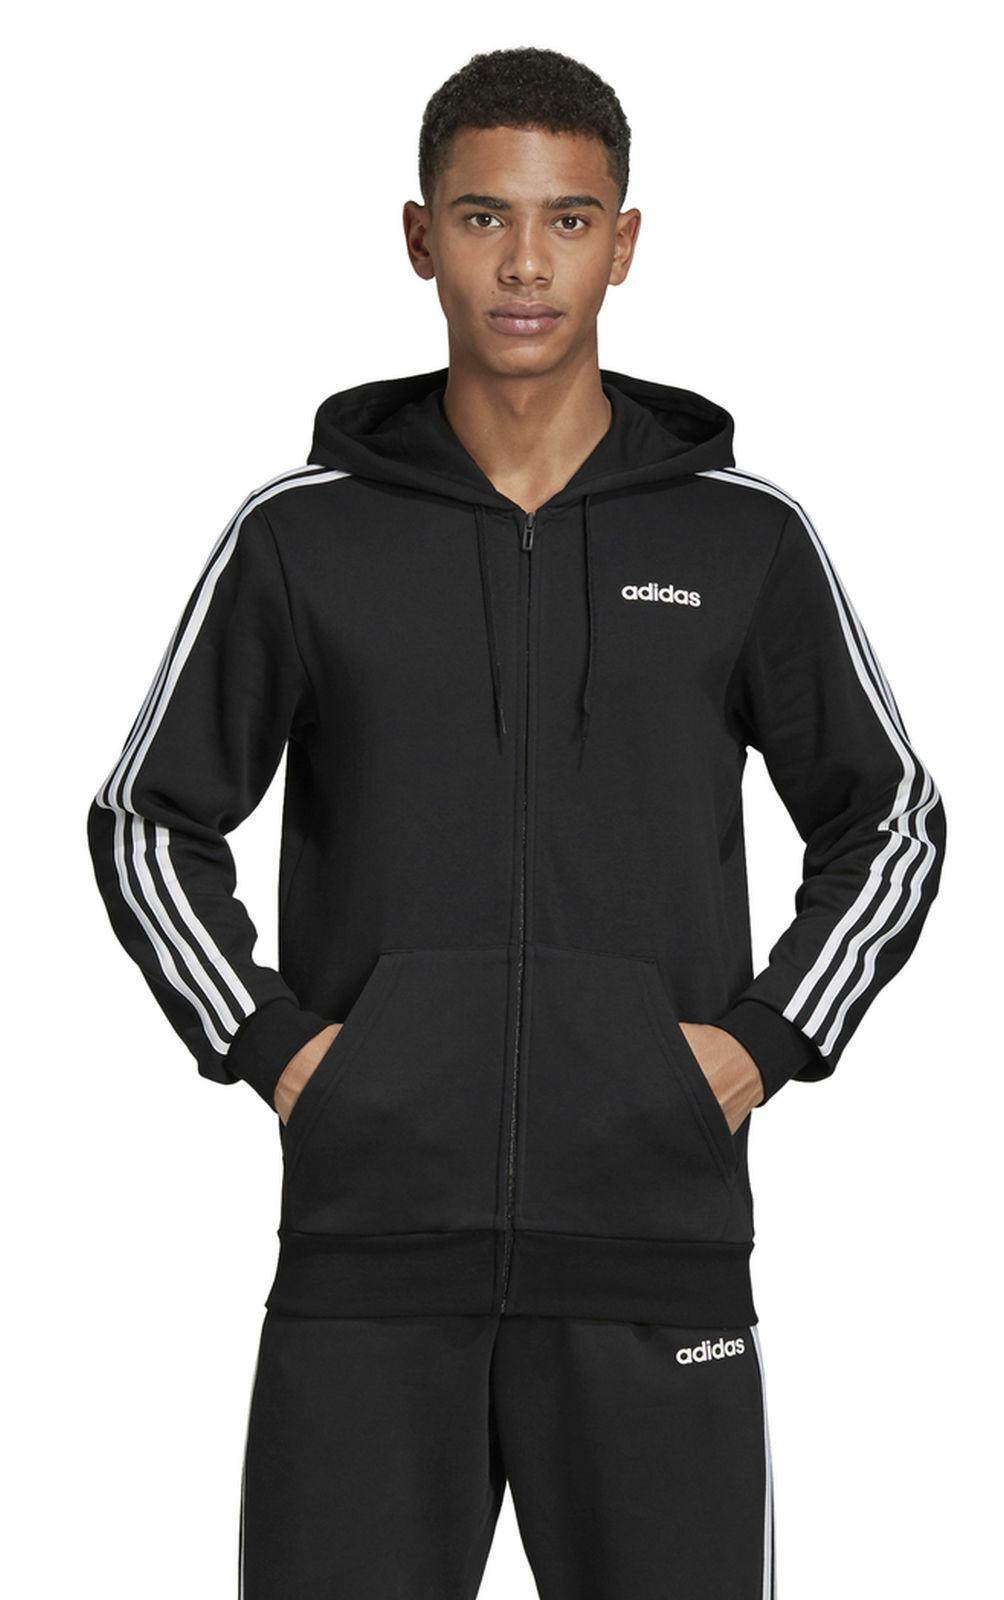 Adidas Performance Hombre Chaqueta con Capucha Ess 3  Stripes Fullzip Polar black  hot sales